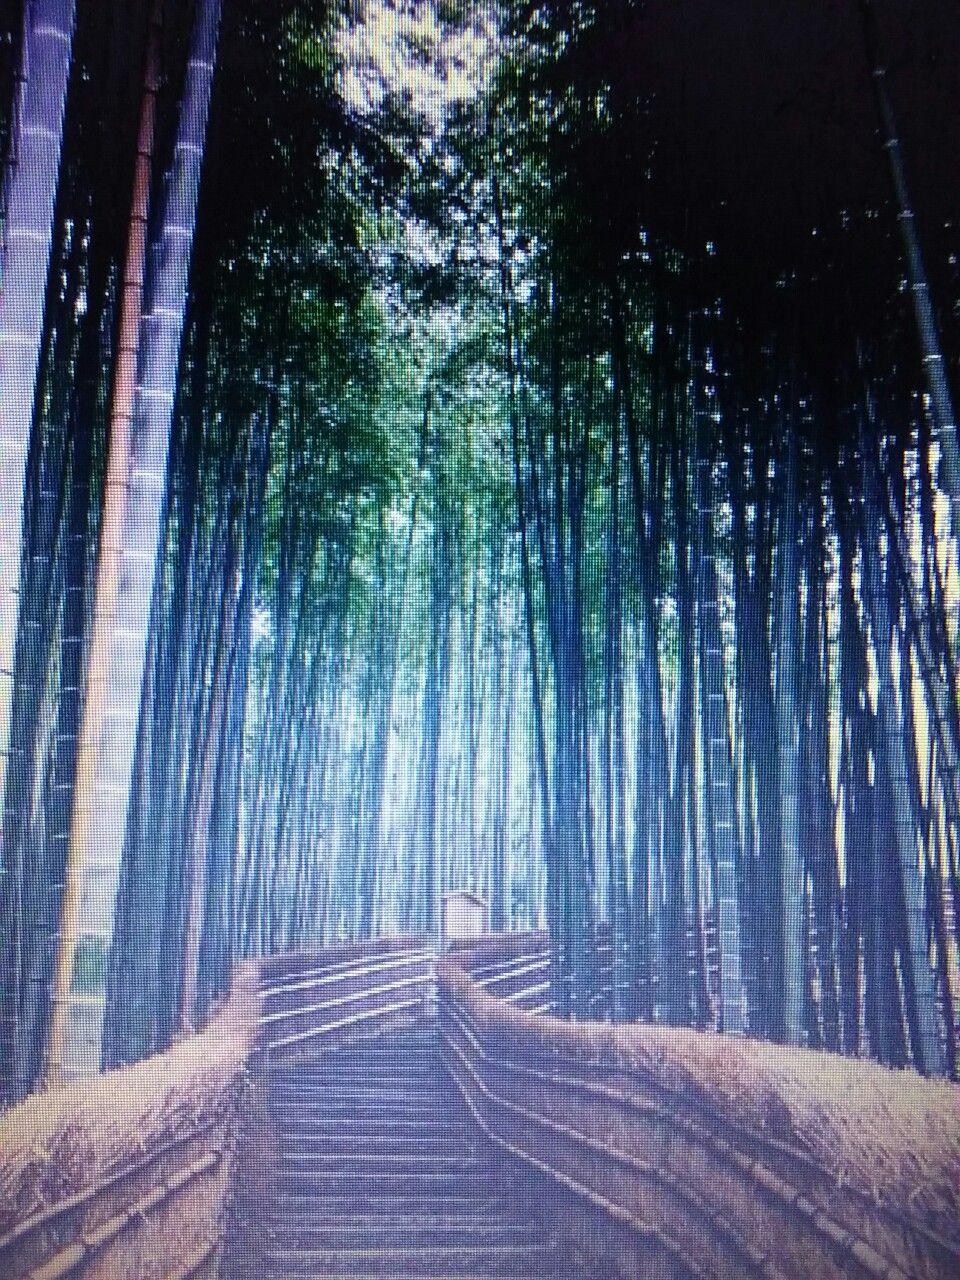 Escalera dentro de un bosque de bambú en Japón.